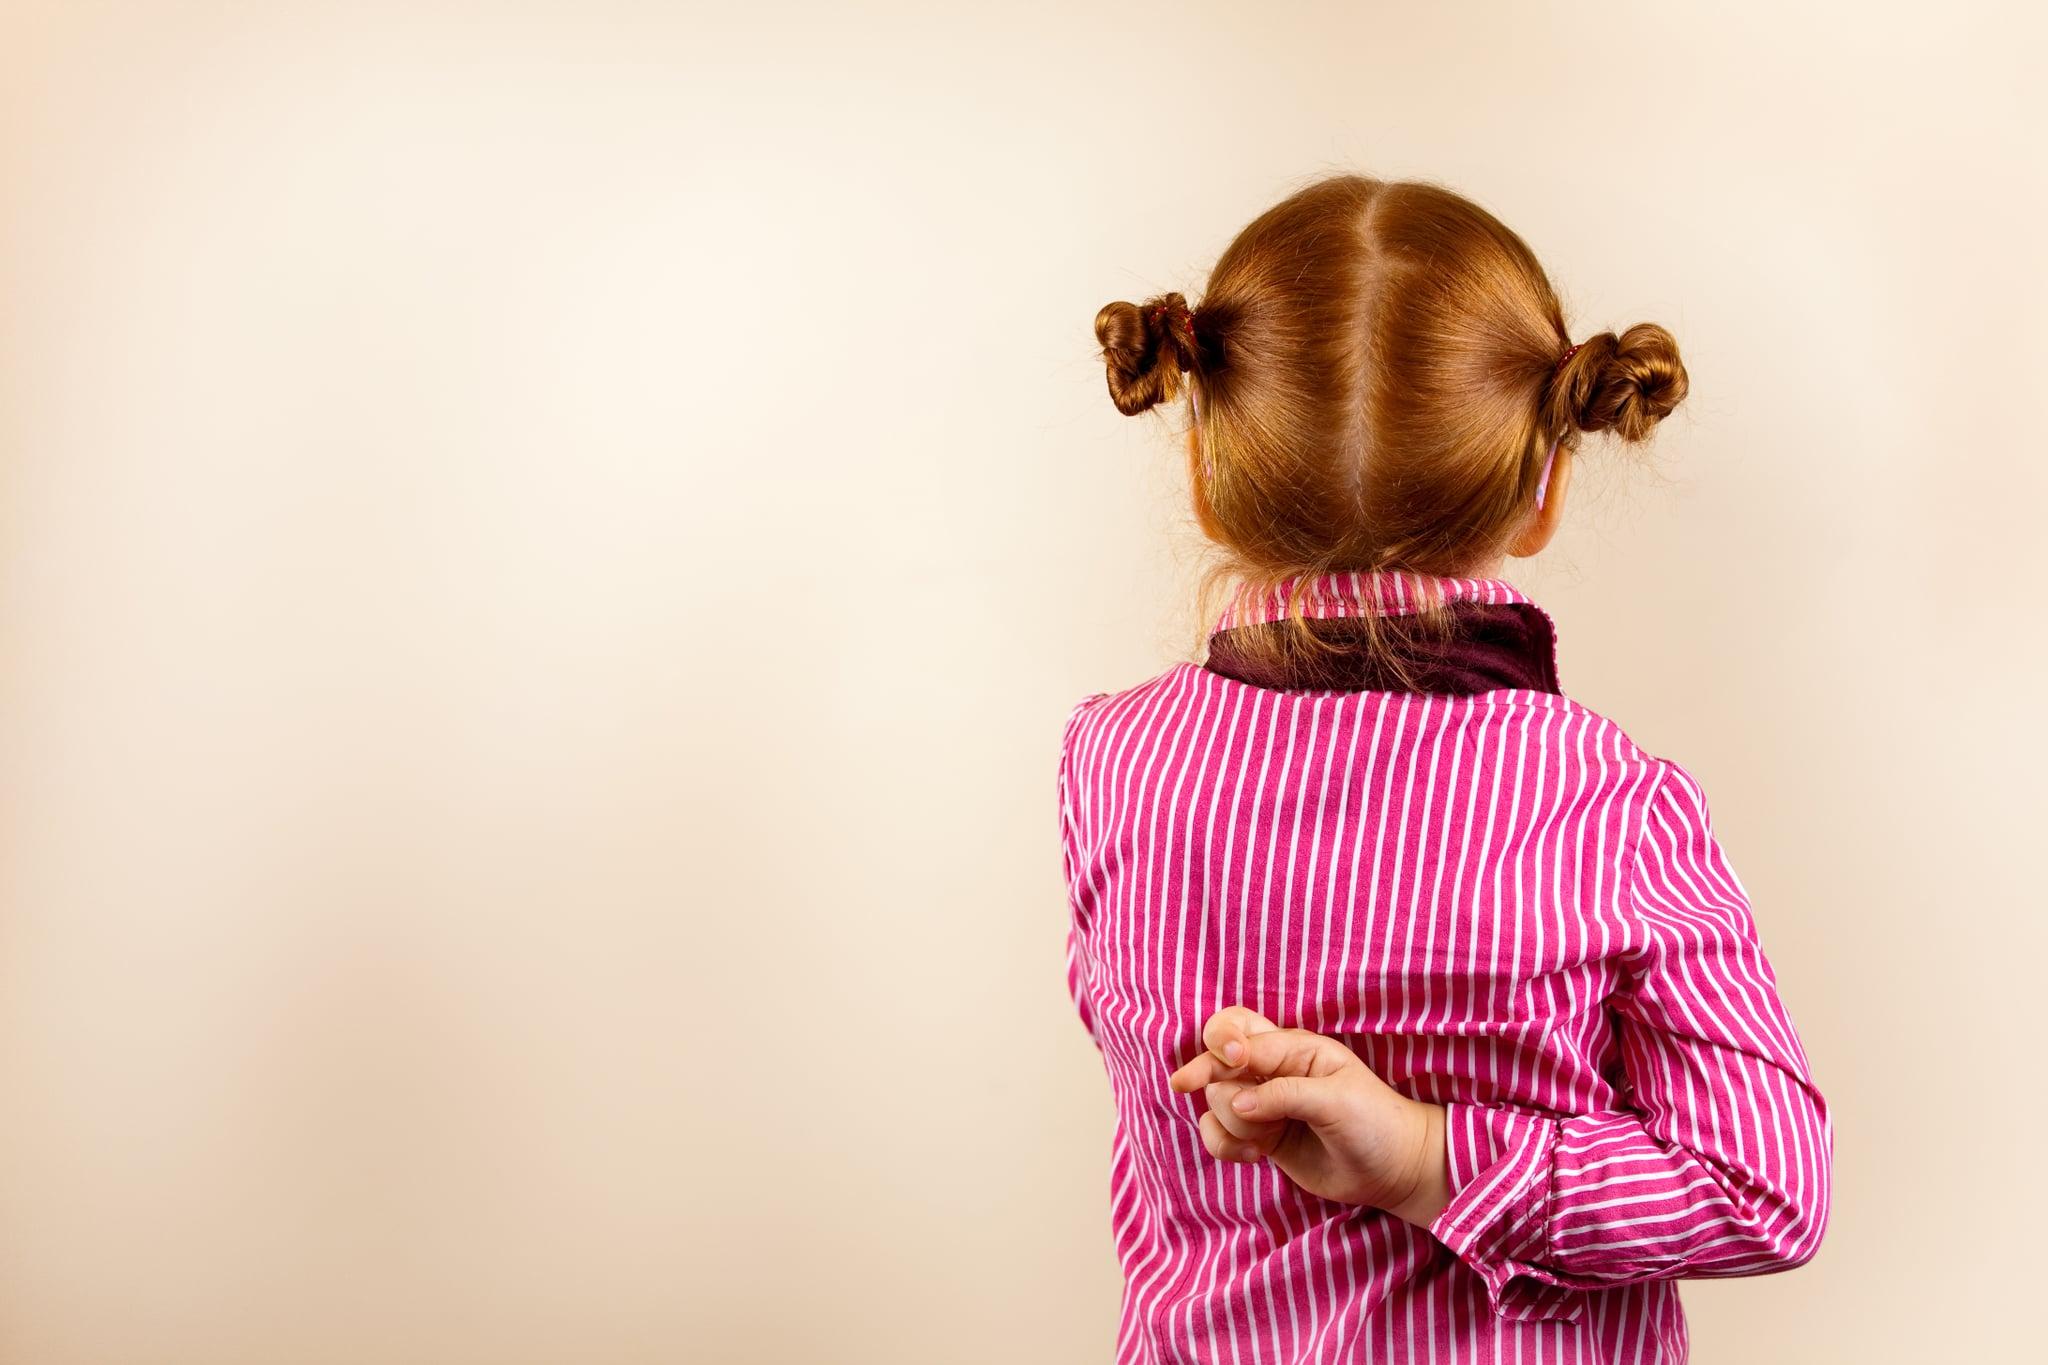 De ce ne mint copiii? 1